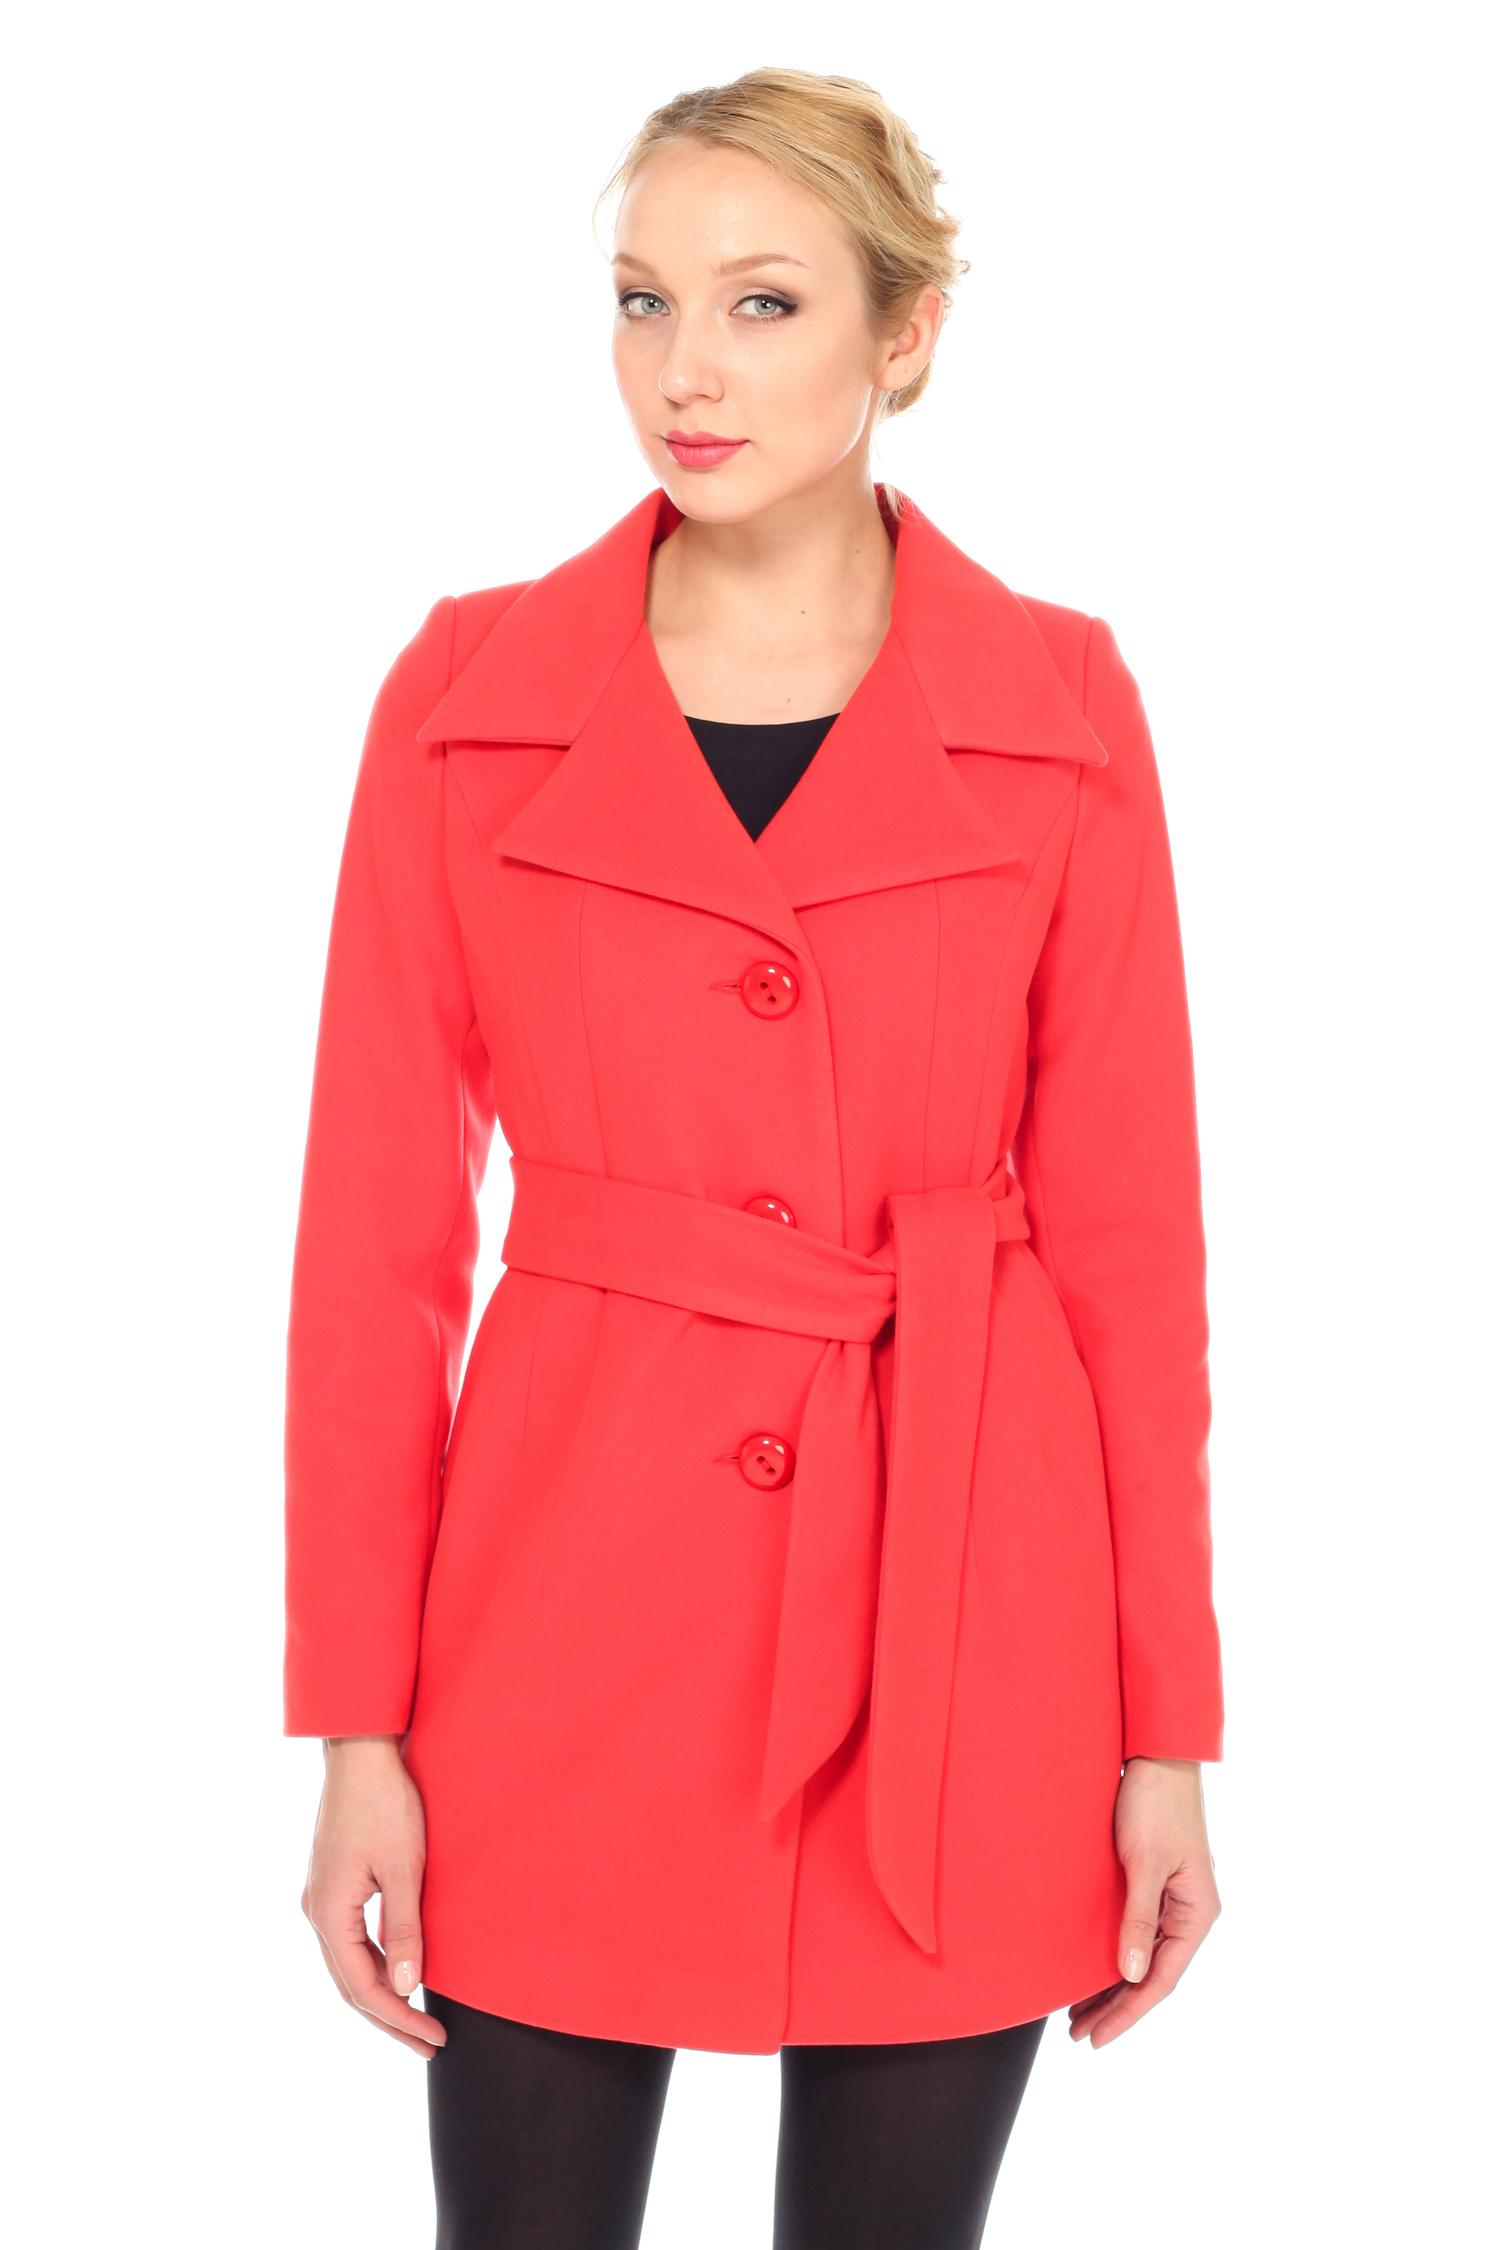 Женское пальто с воротником, без отделки<br><br>Воротник: английский<br>Длина см: Средняя (75-89 )<br>Материал: Комбинированный состав<br>Цвет: красный<br>Вид застежки: центральная<br>Застежка: на пуговицы<br>Пол: Женский<br>Размер RU: 42